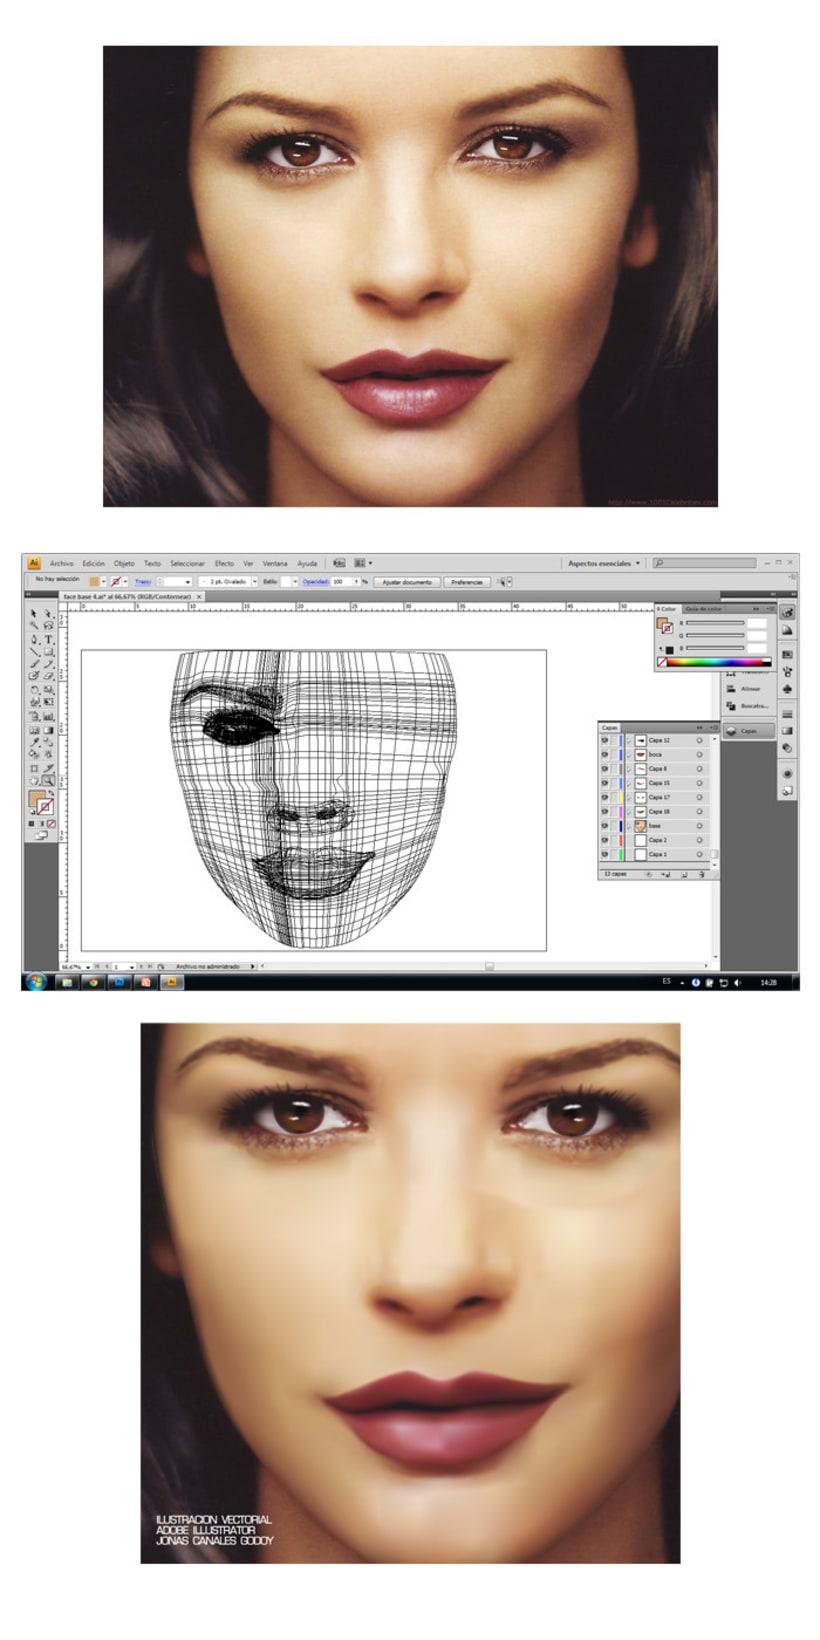 ilustraciones digitales 6